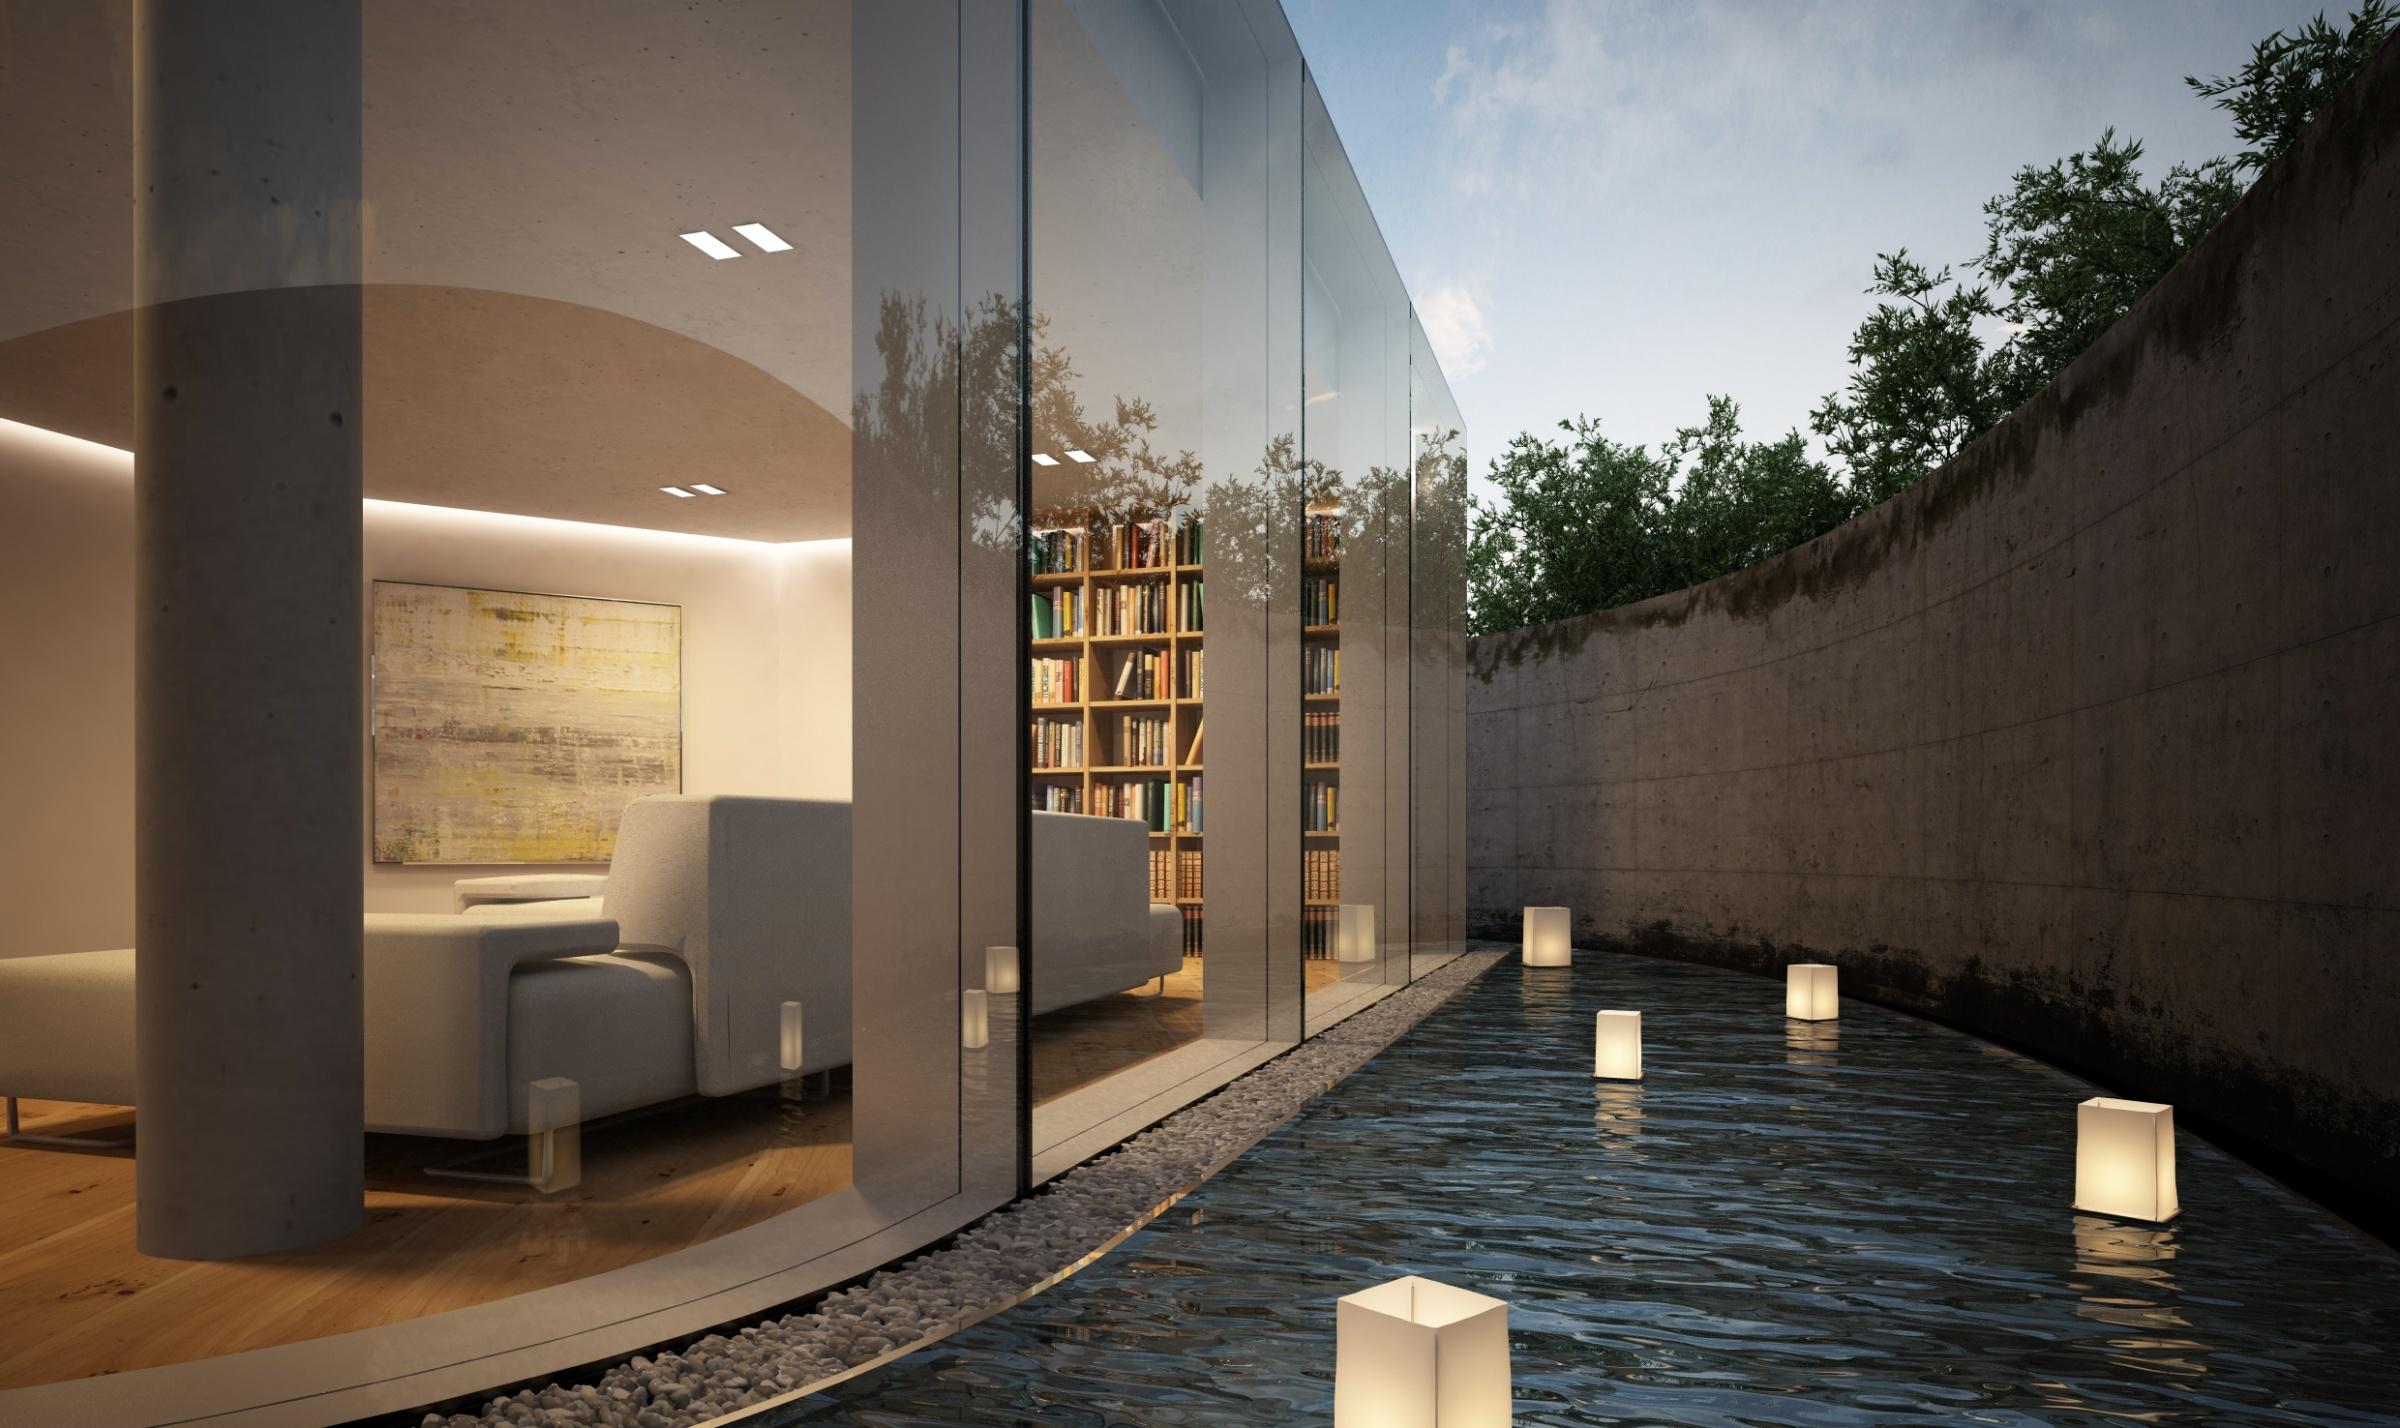 Visualisierung 3d 3d visualisierung wohnhaus architektur visualisierung wohnhaus